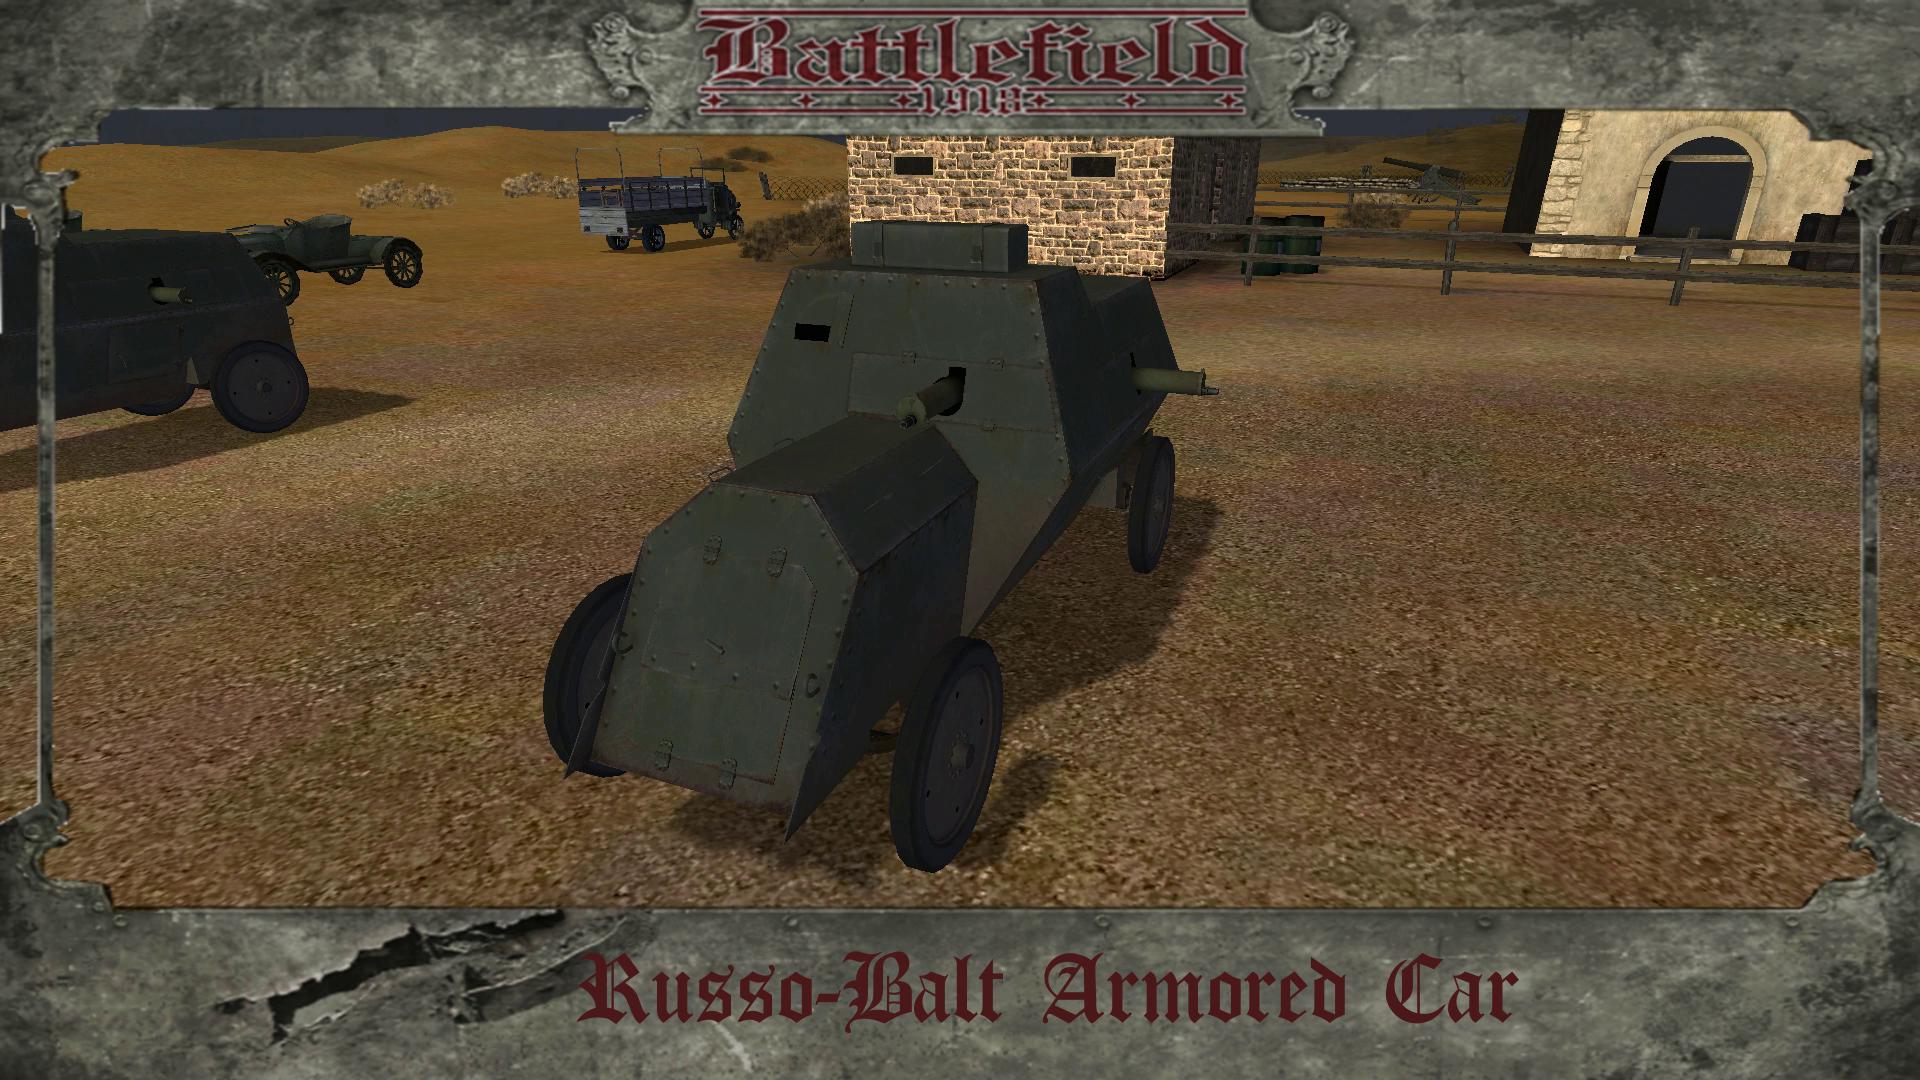 Russo Balt Armored Car